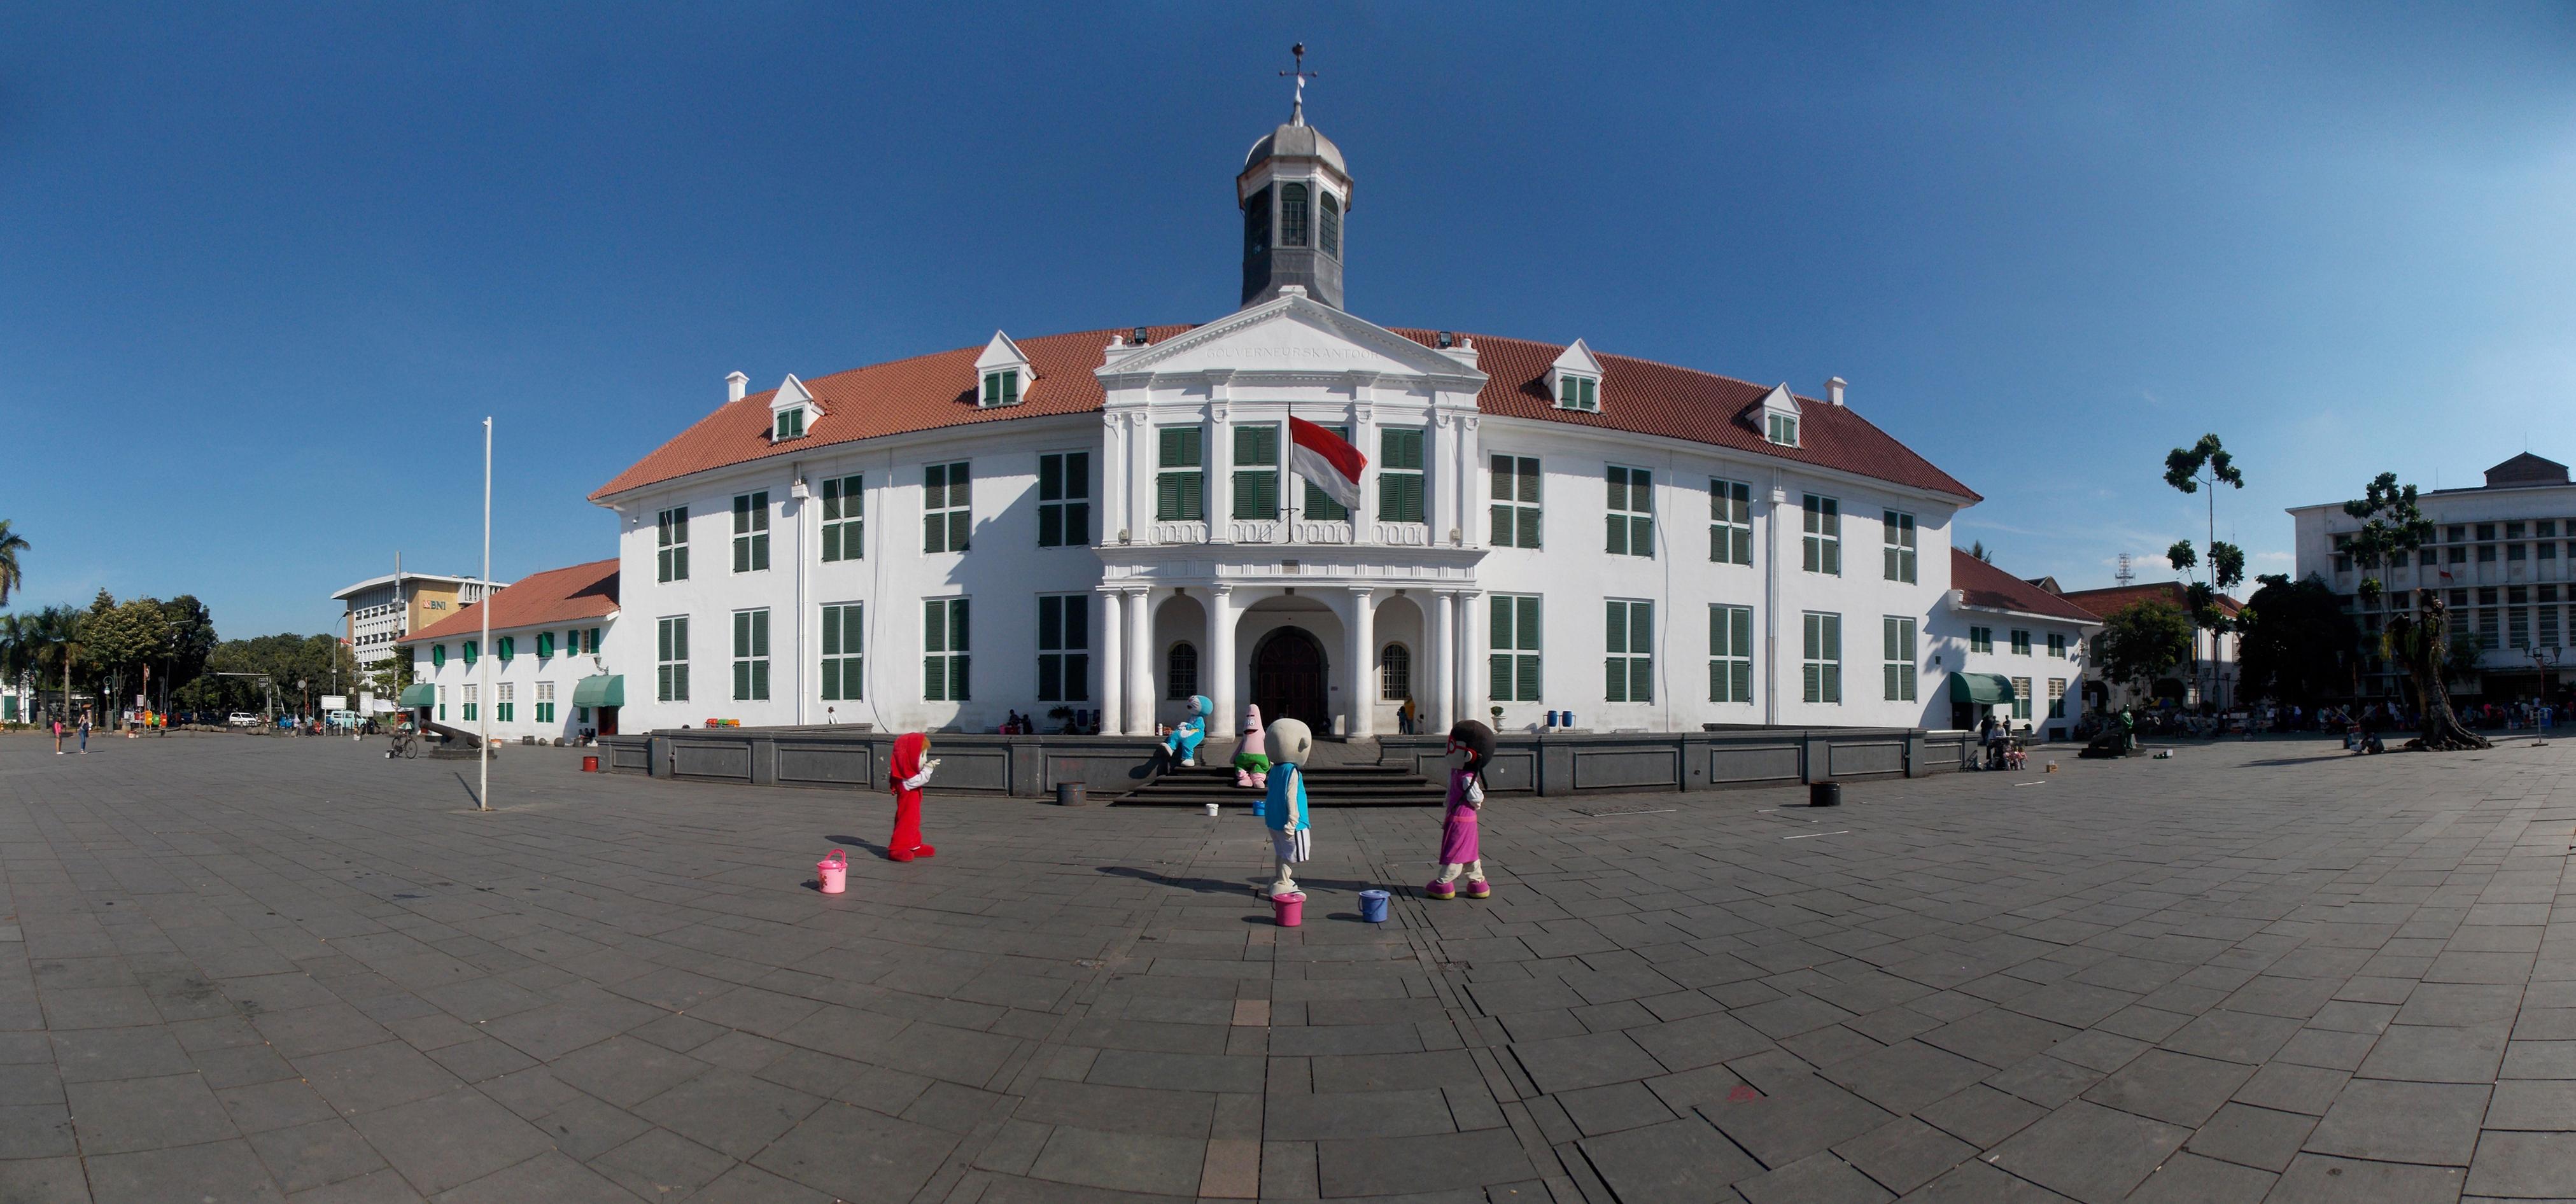 Museum Fatahillah Wikipedia Bahasa Indonesia Ensiklopedia Bebas Sejarah Jakarta Gouverneurskantoor